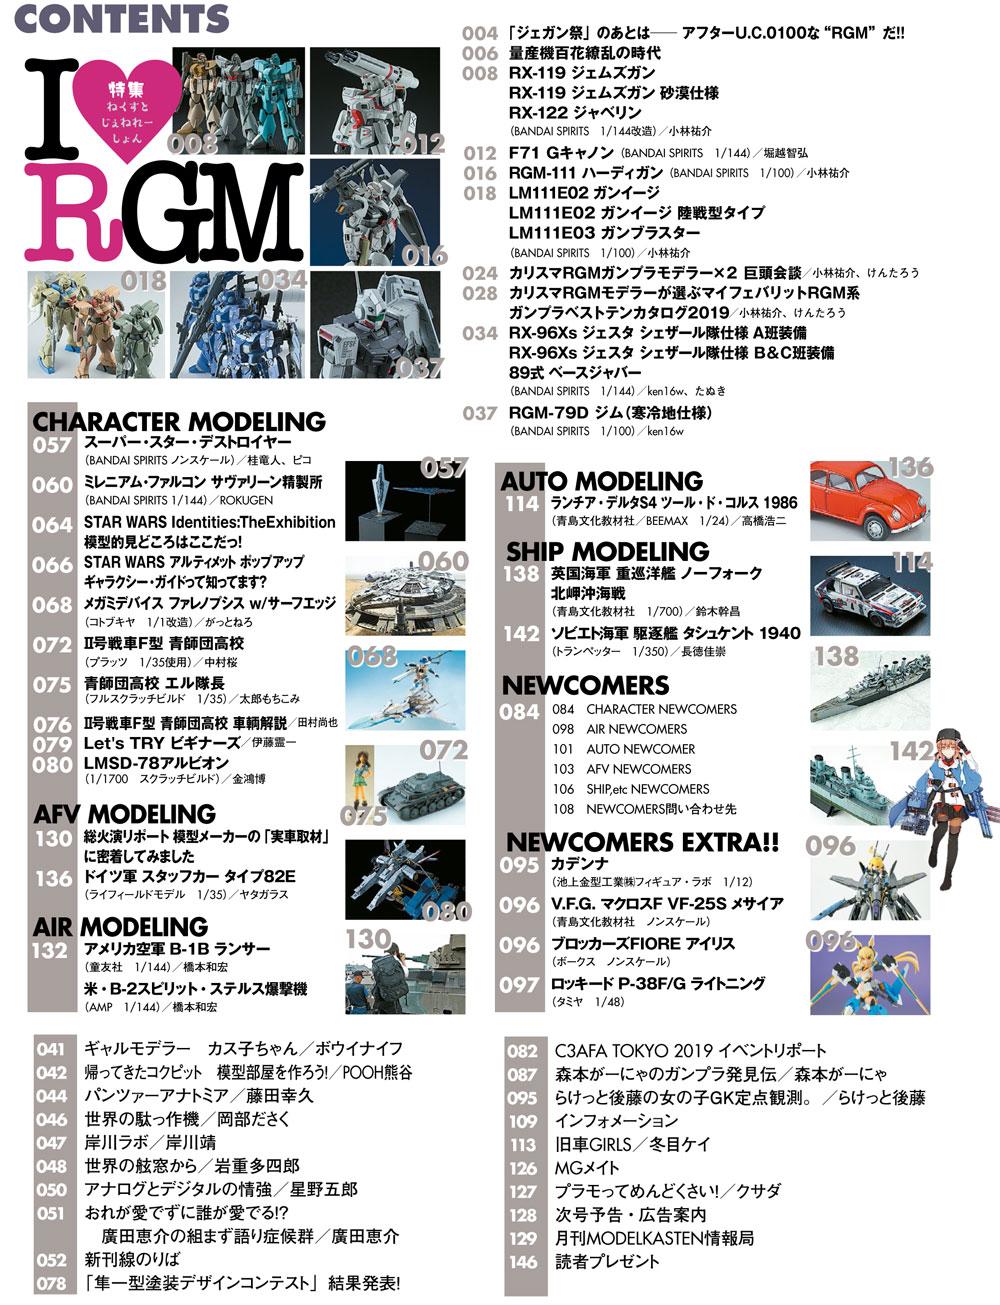 モデルグラフィックス 2019年11月号雑誌(大日本絵画月刊 モデルグラフィックスNo.420)商品画像_1